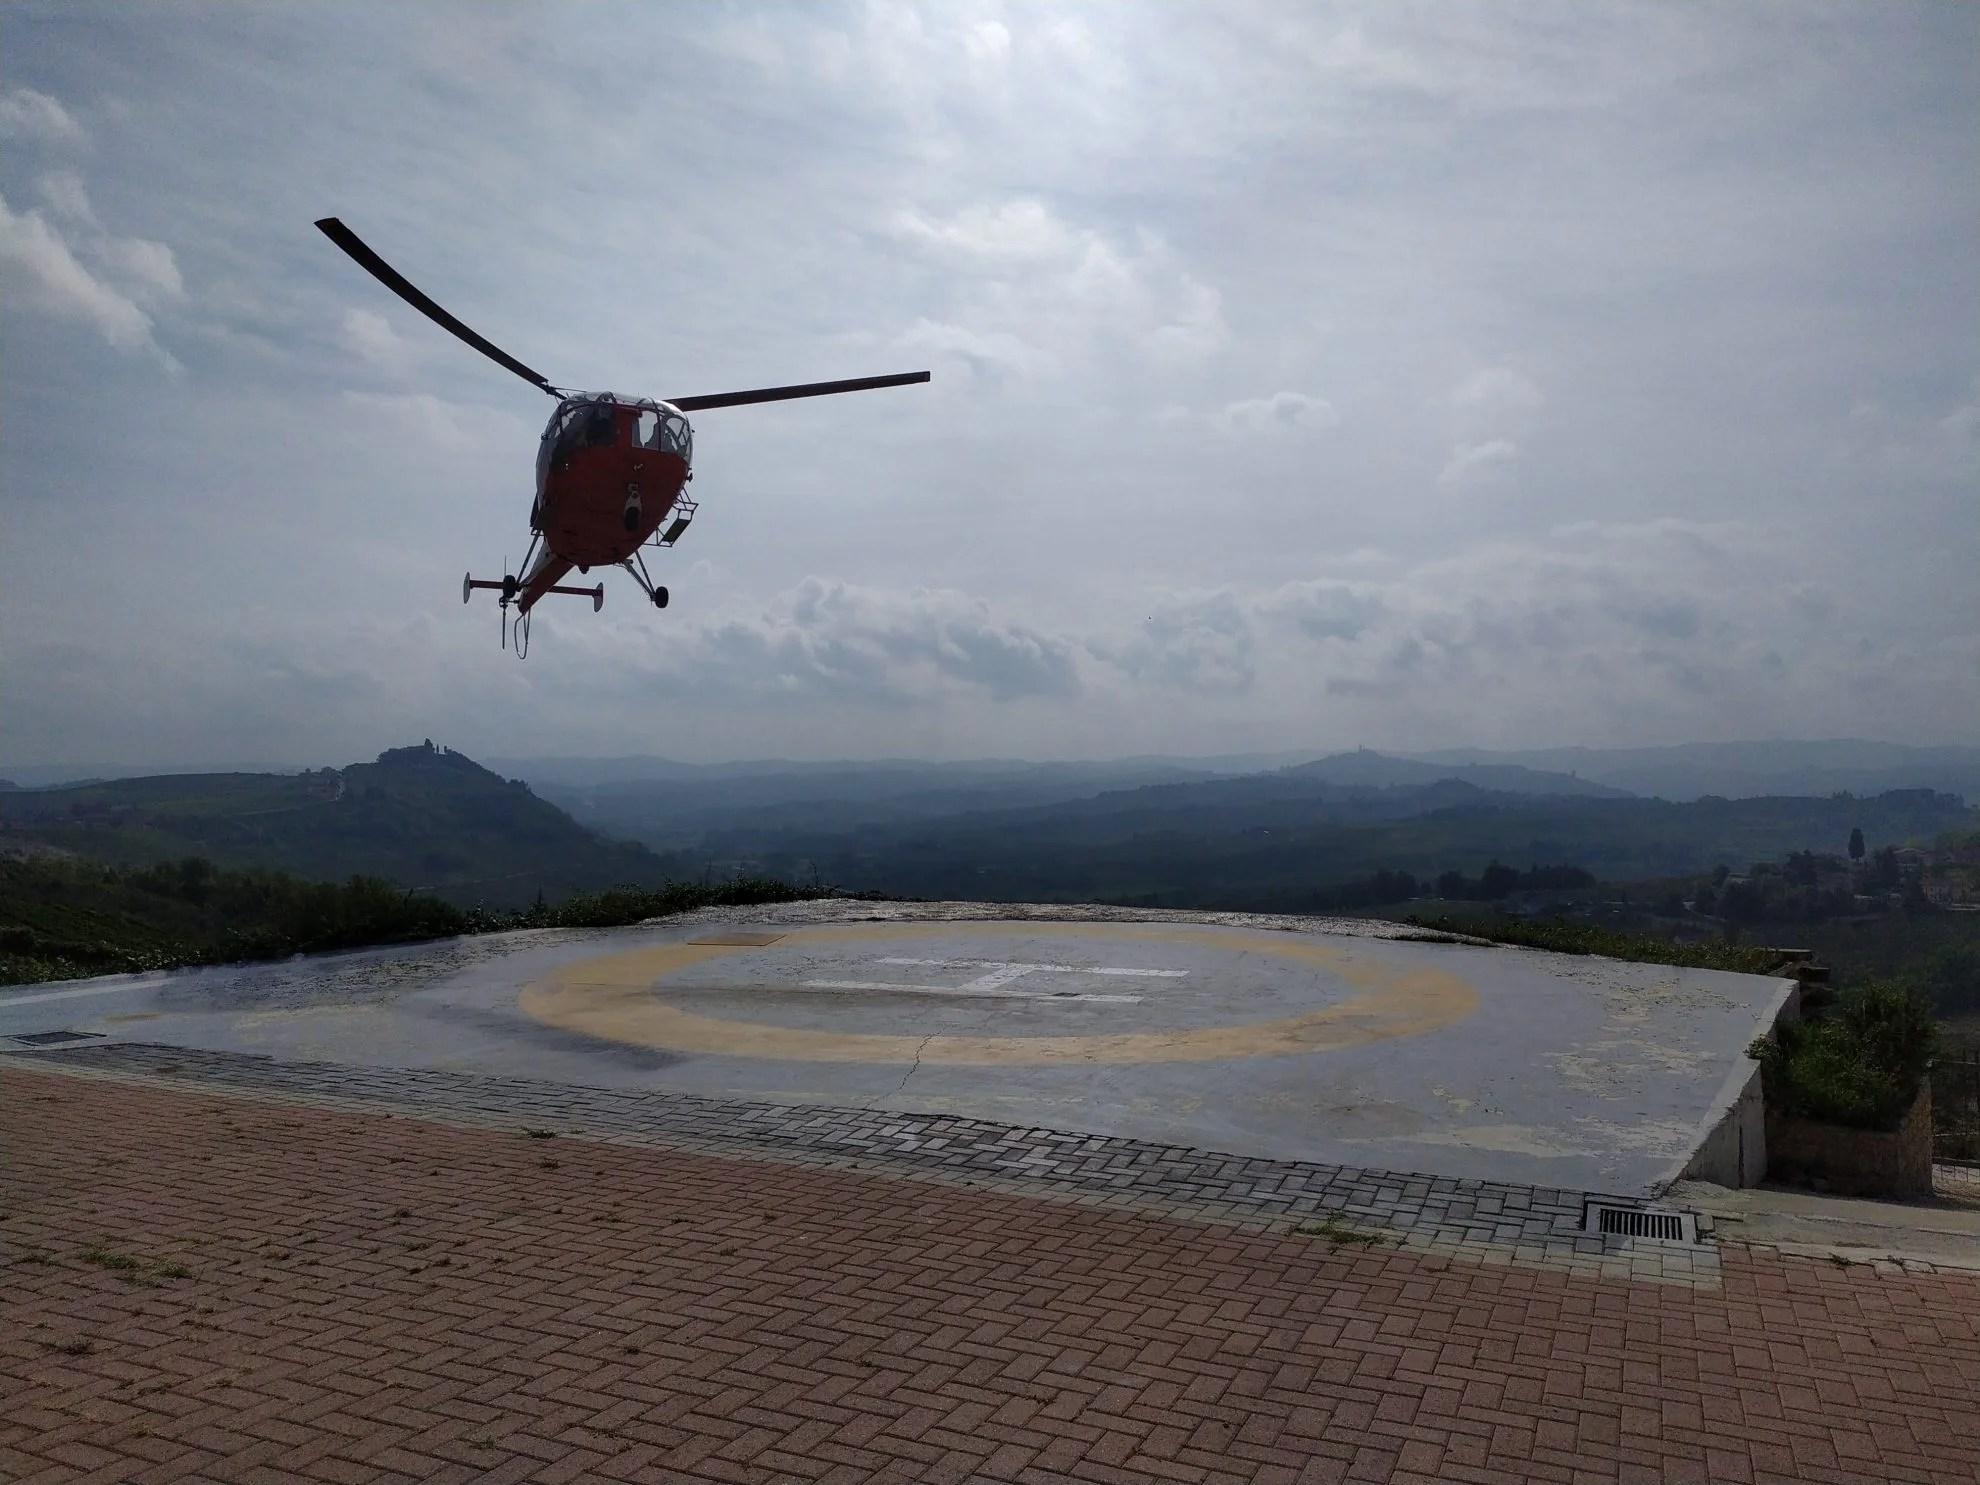 Helikoptervlucht over Piemonte Italië